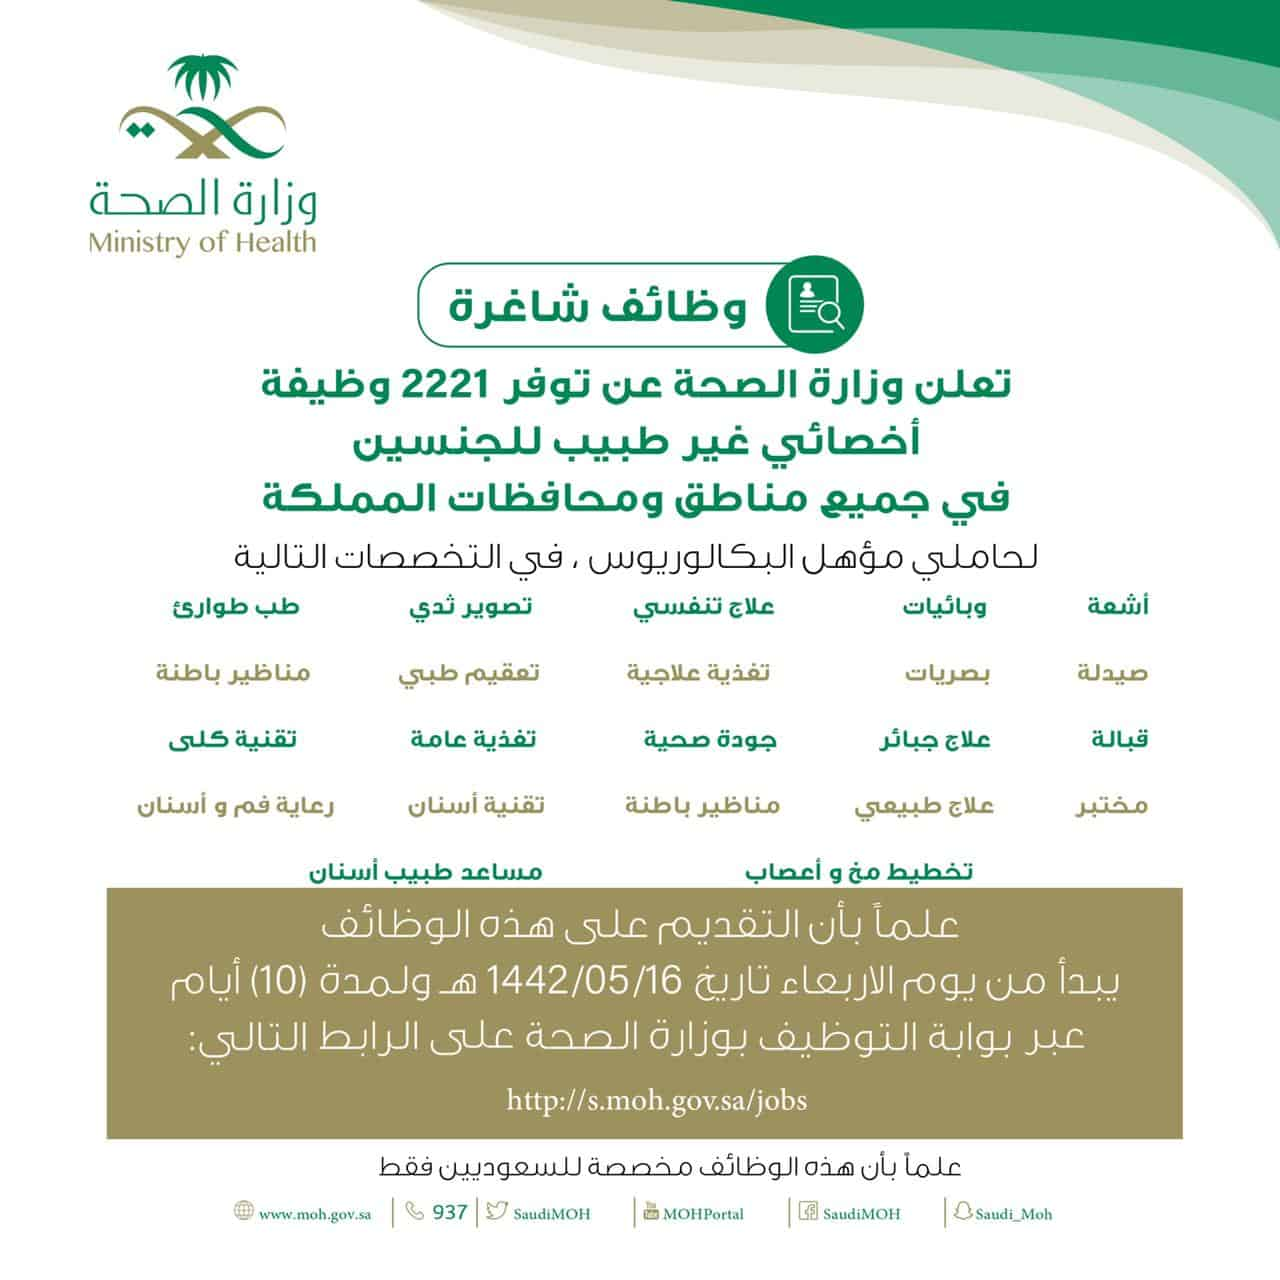 البريد الإلكتروني لوزارة الصحة وطريقة تحديث البيانات سعودية نيوز